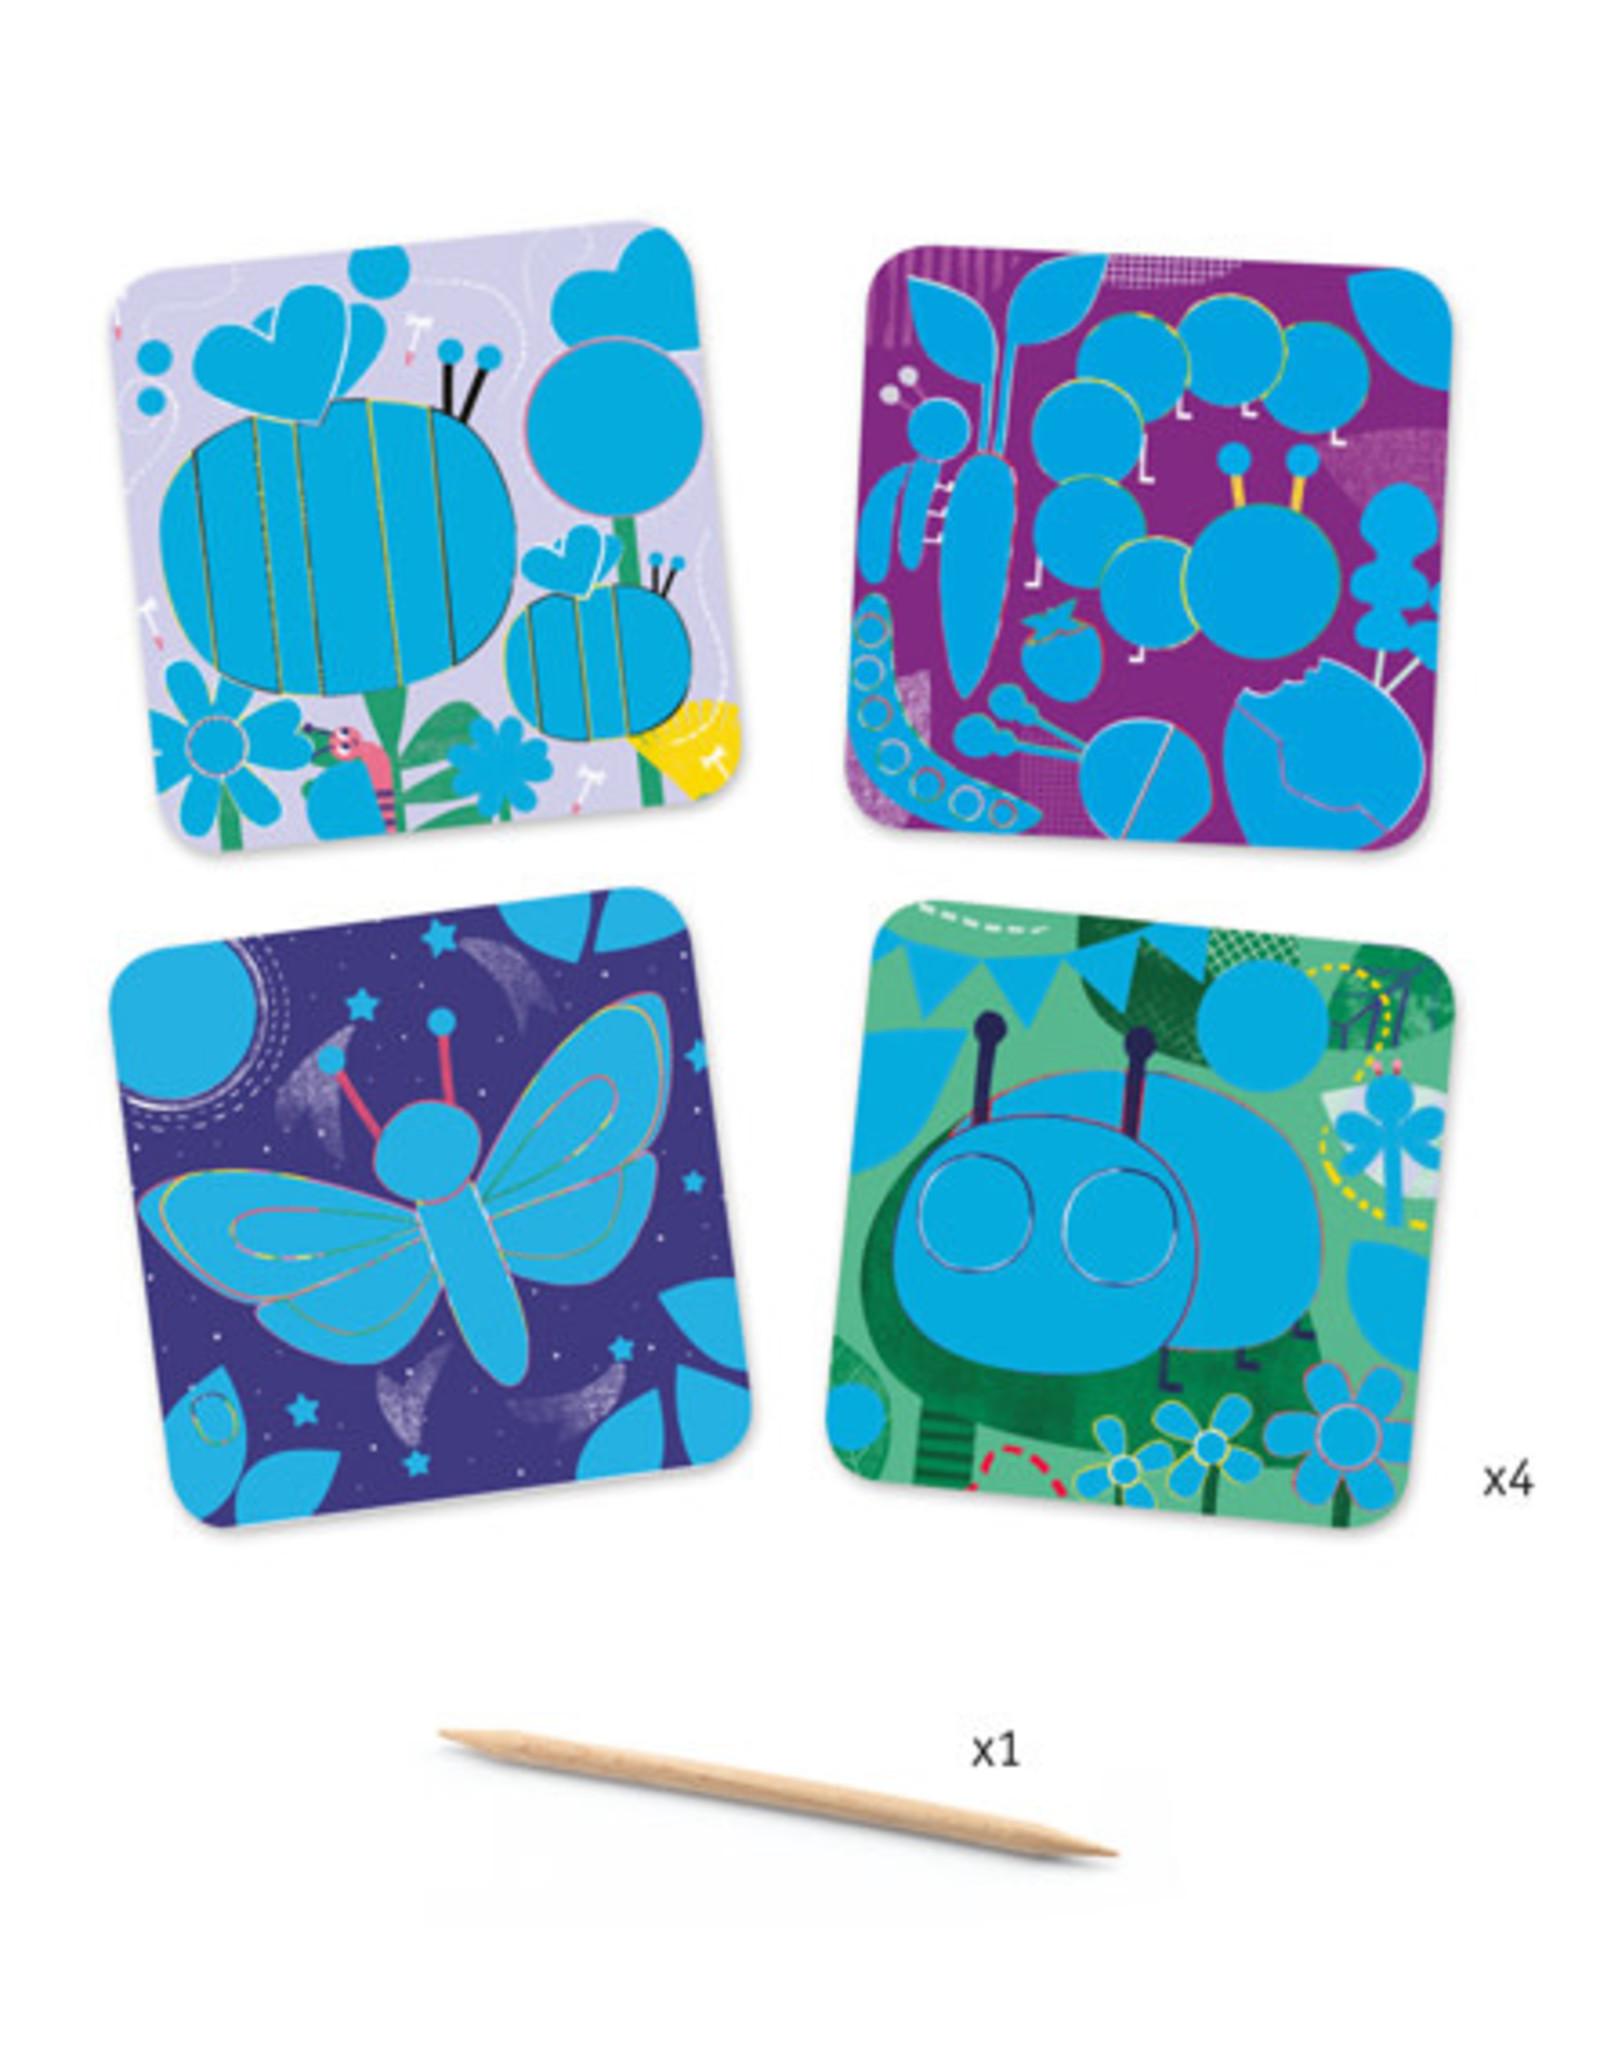 Djeco Bugs Scratch Cards